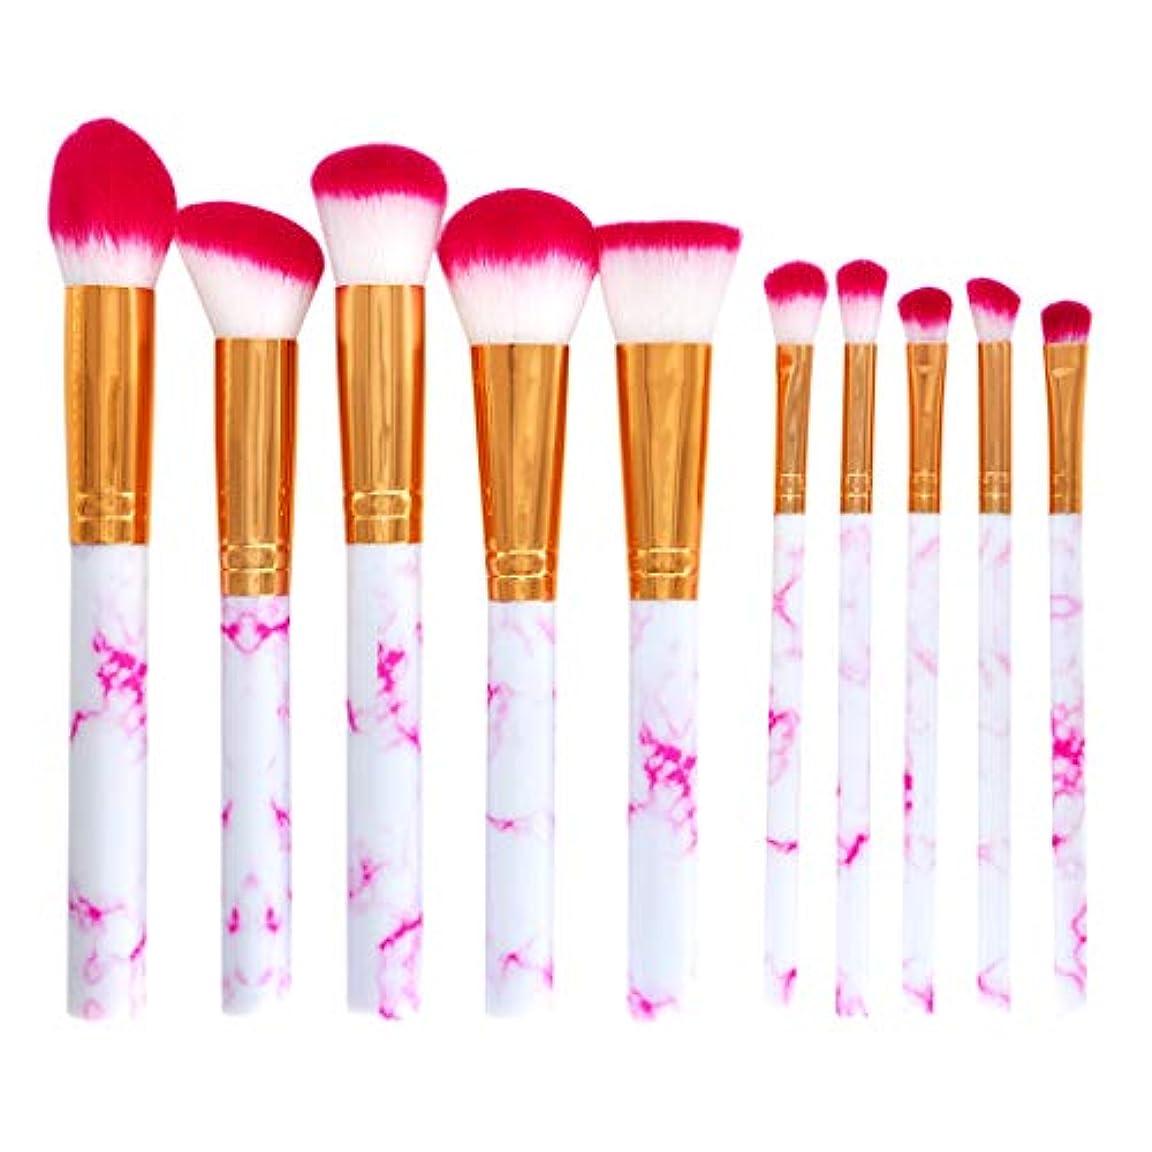 広々低い優雅な10本 メイクブラシ ファンデーション クリーム メイクツール 大理石 化粧ブラシ 3色選べ - ローズレッド